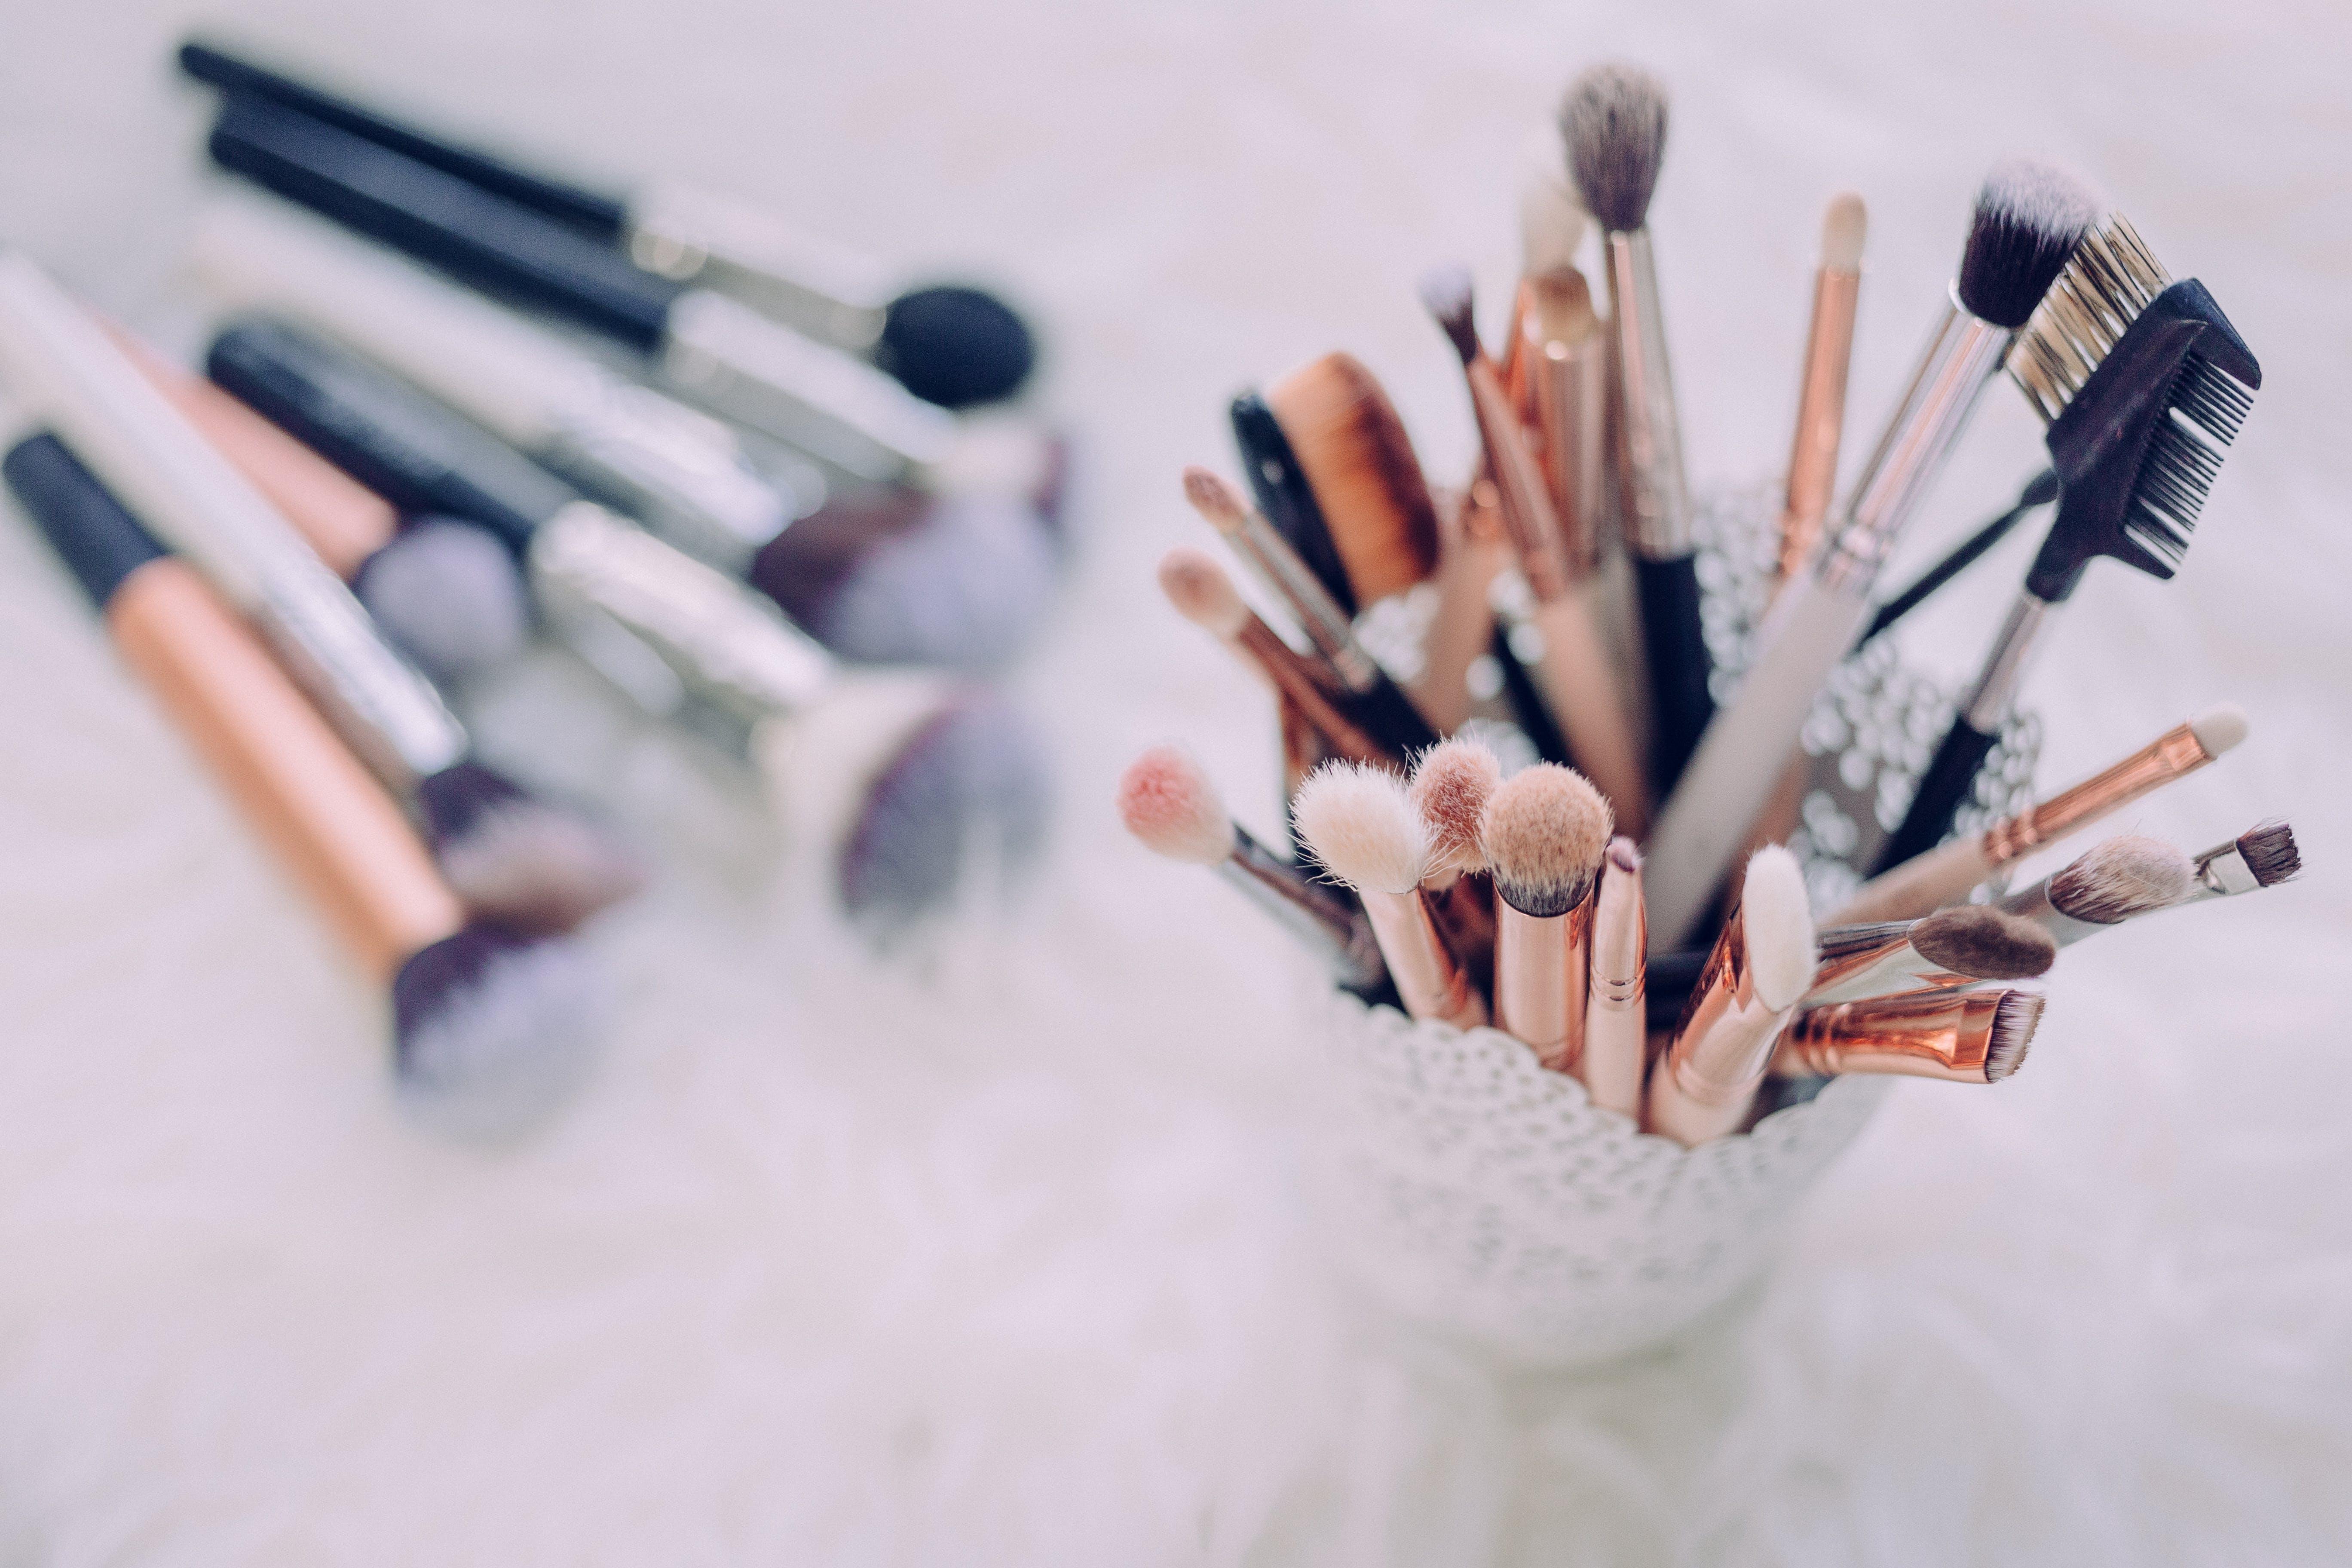 Assorted Makeup Brush Set